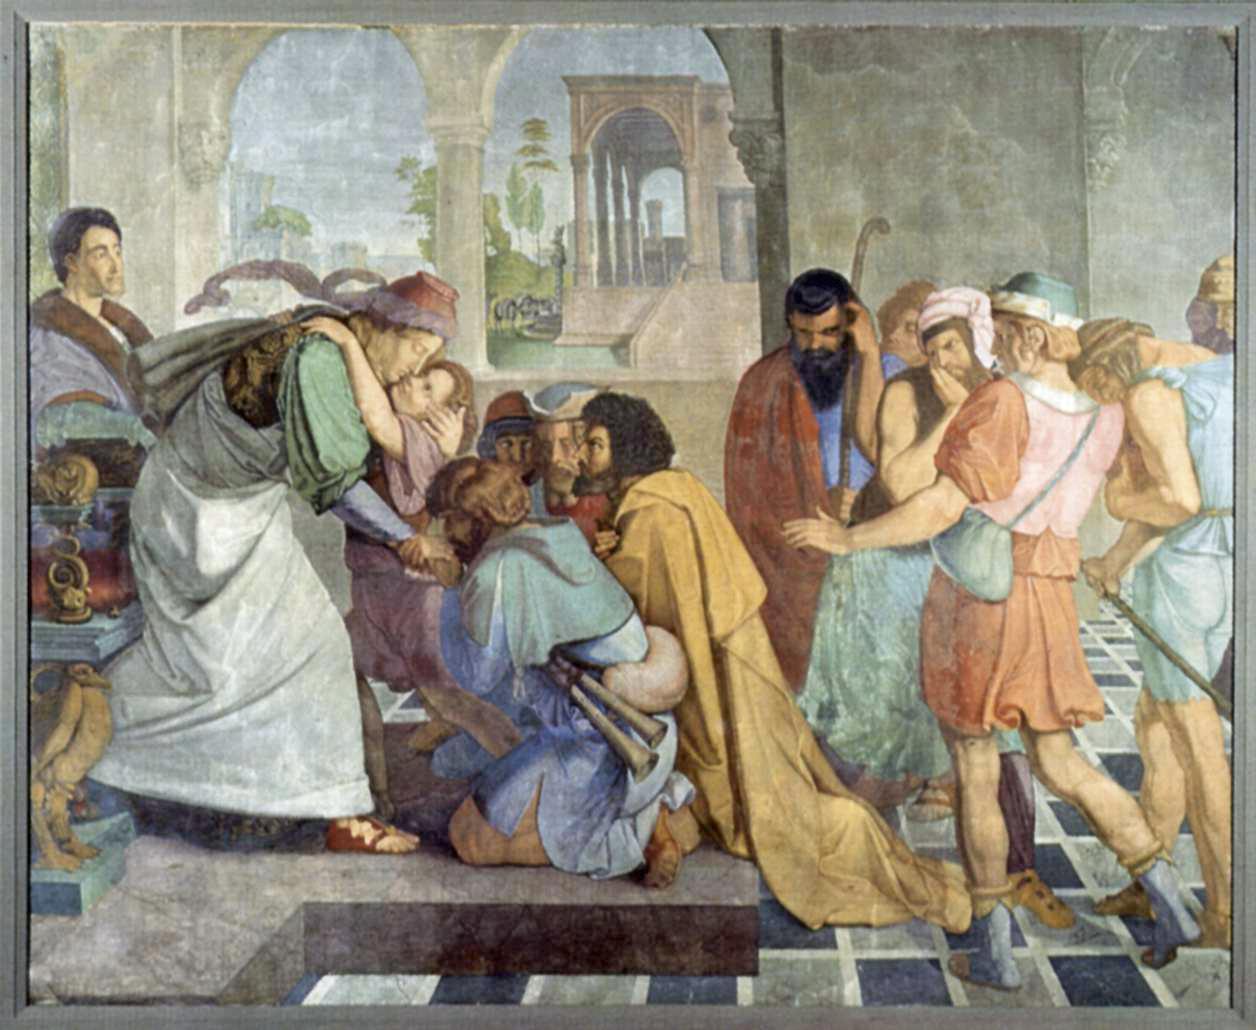 Йосеф открывается братьям. Петер фон Корнелиус, 1817